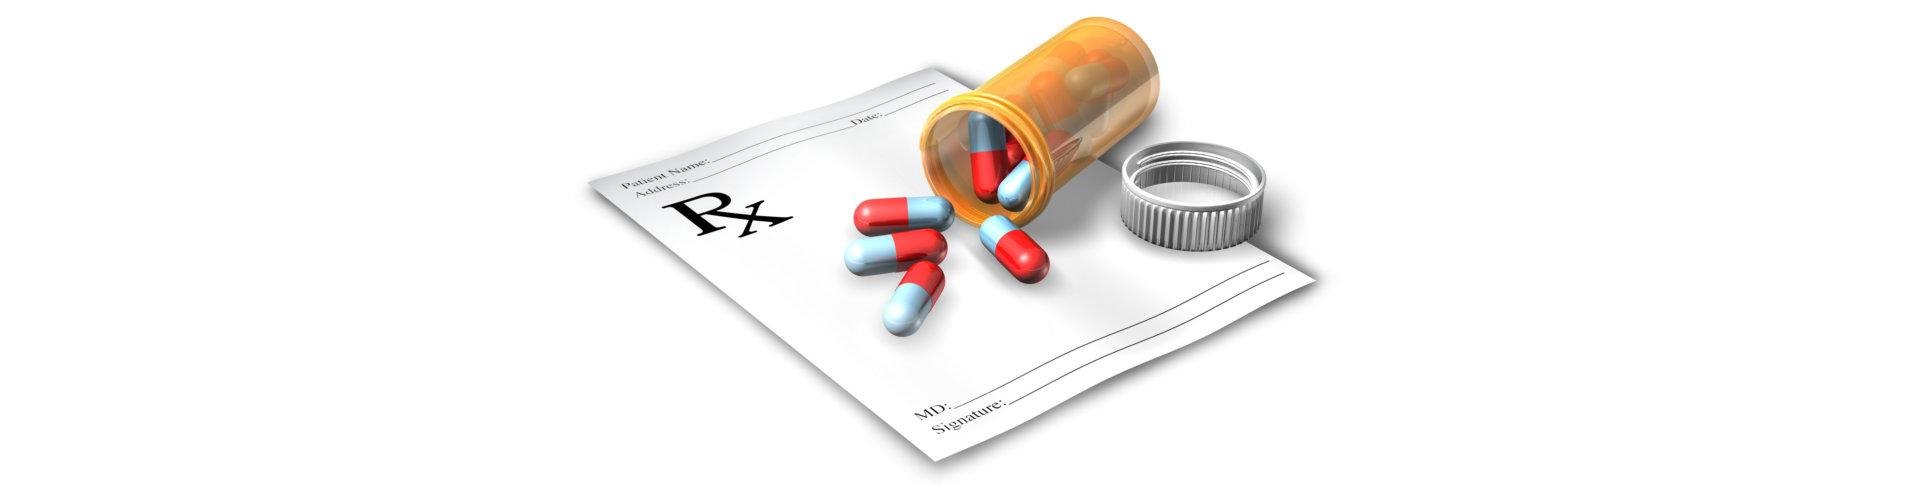 prescription paper with a medicine